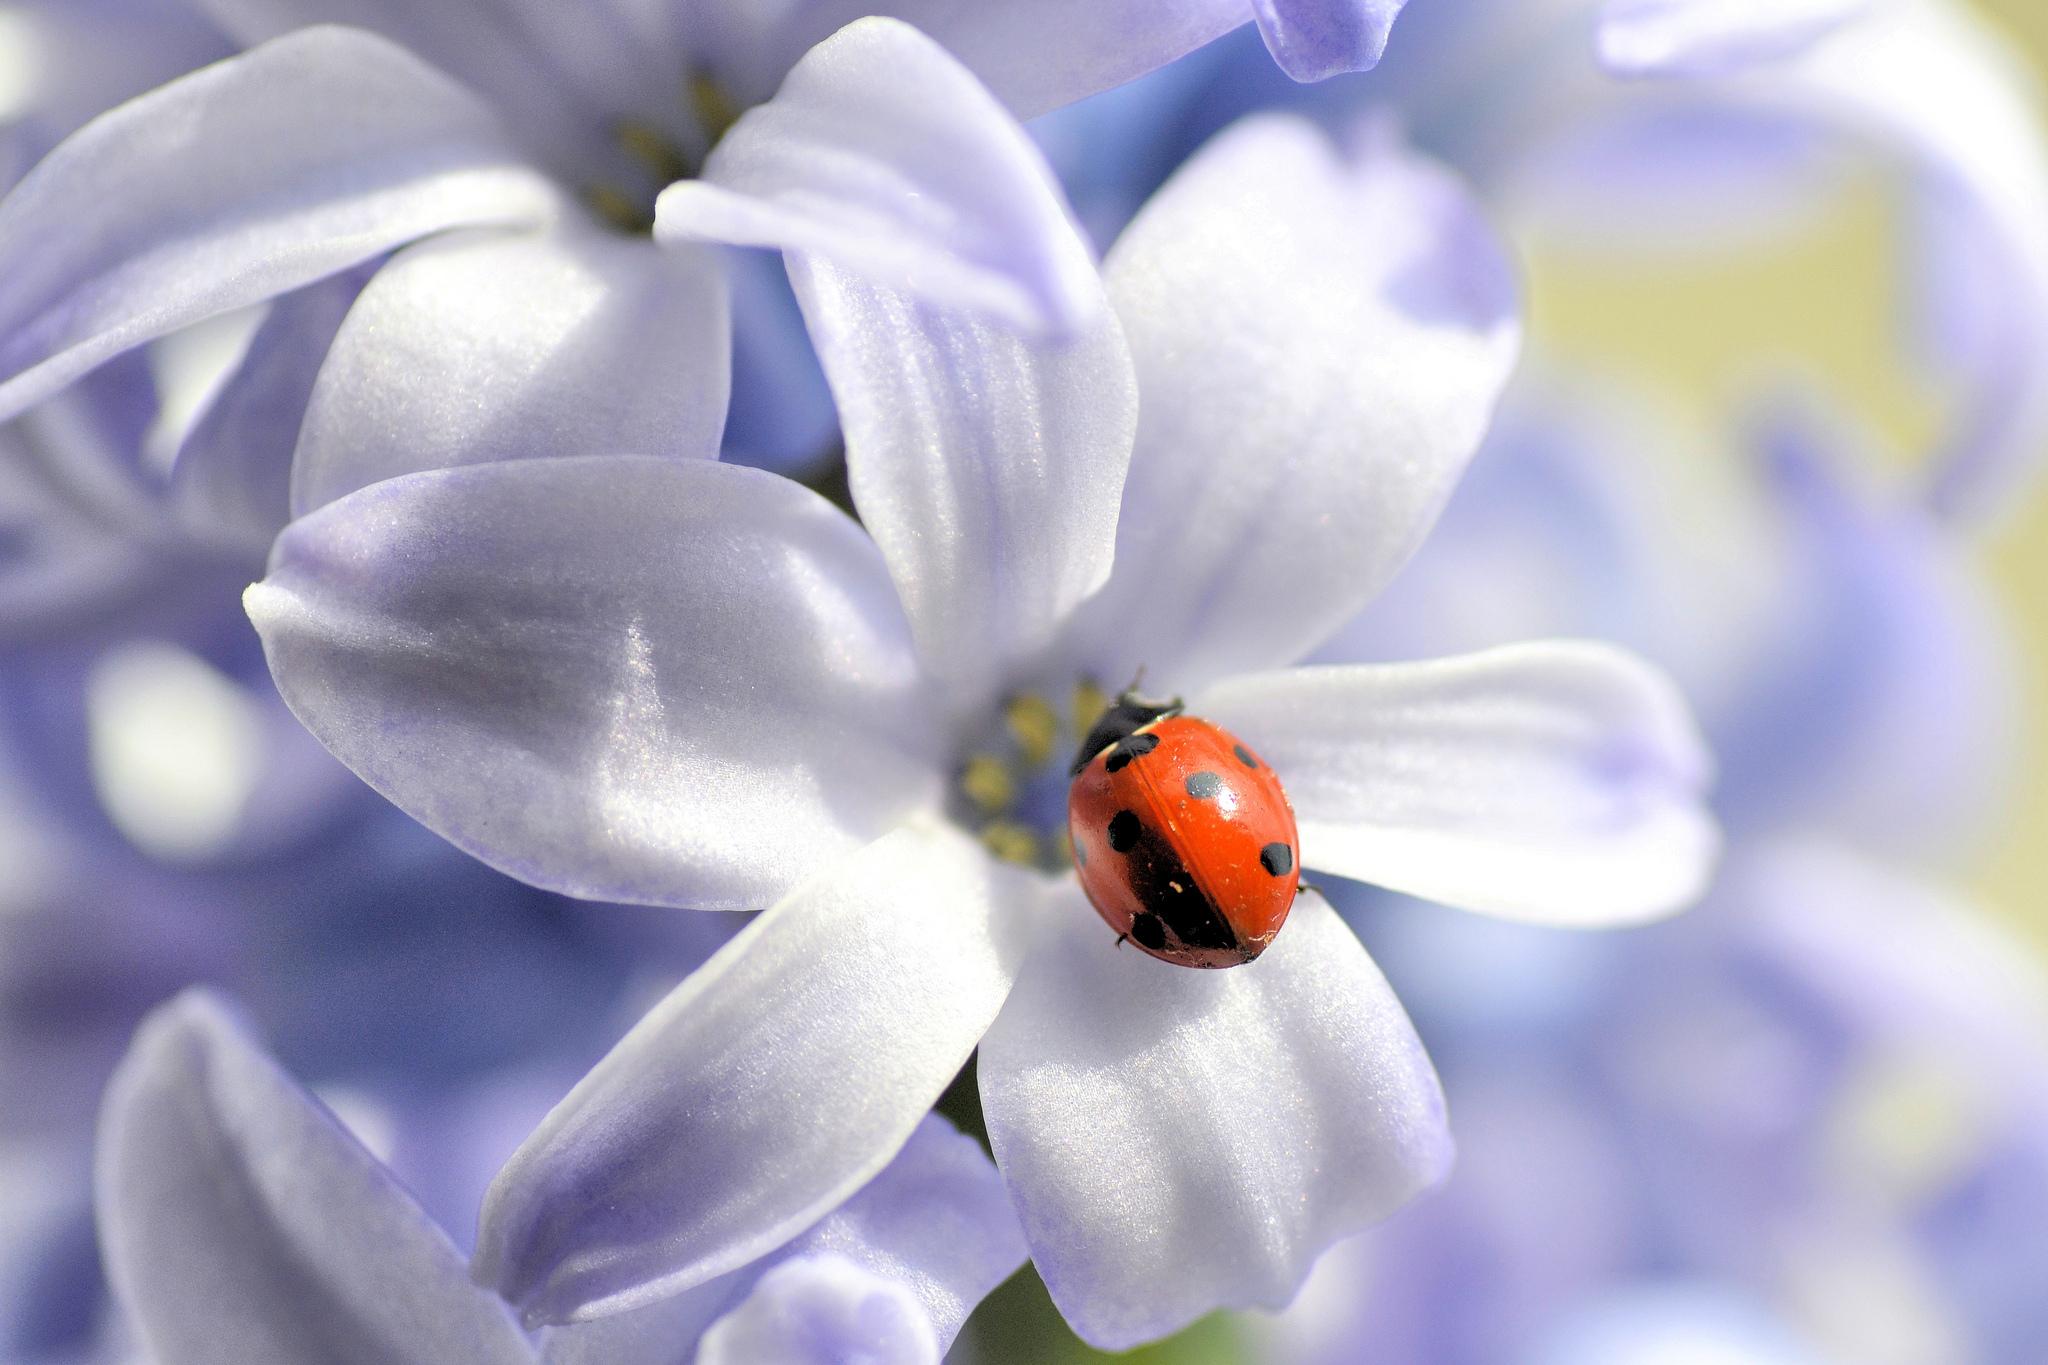 природа макро цветы божья коровка  № 2891813 бесплатно